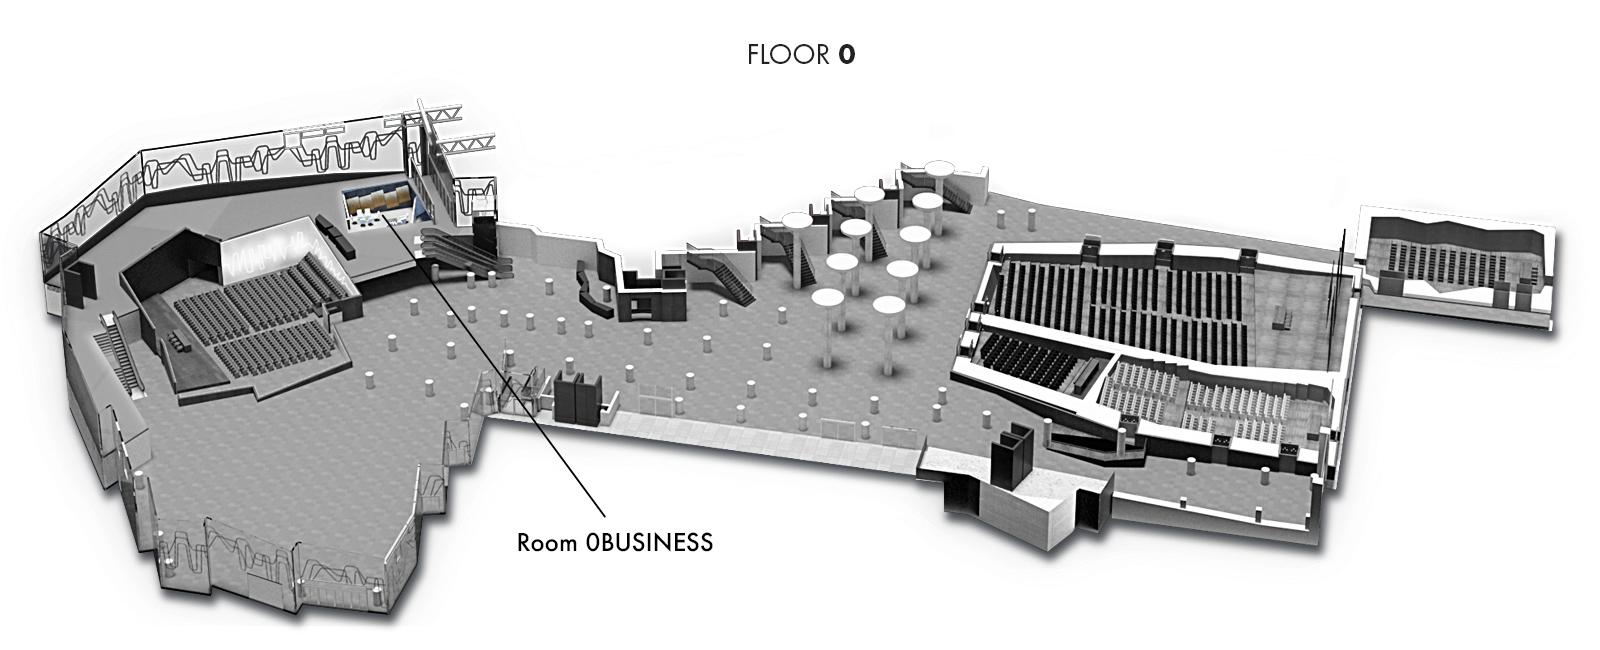 Room 0BUSINESS, Floor 0   Palacio Euskalduna Jauregia